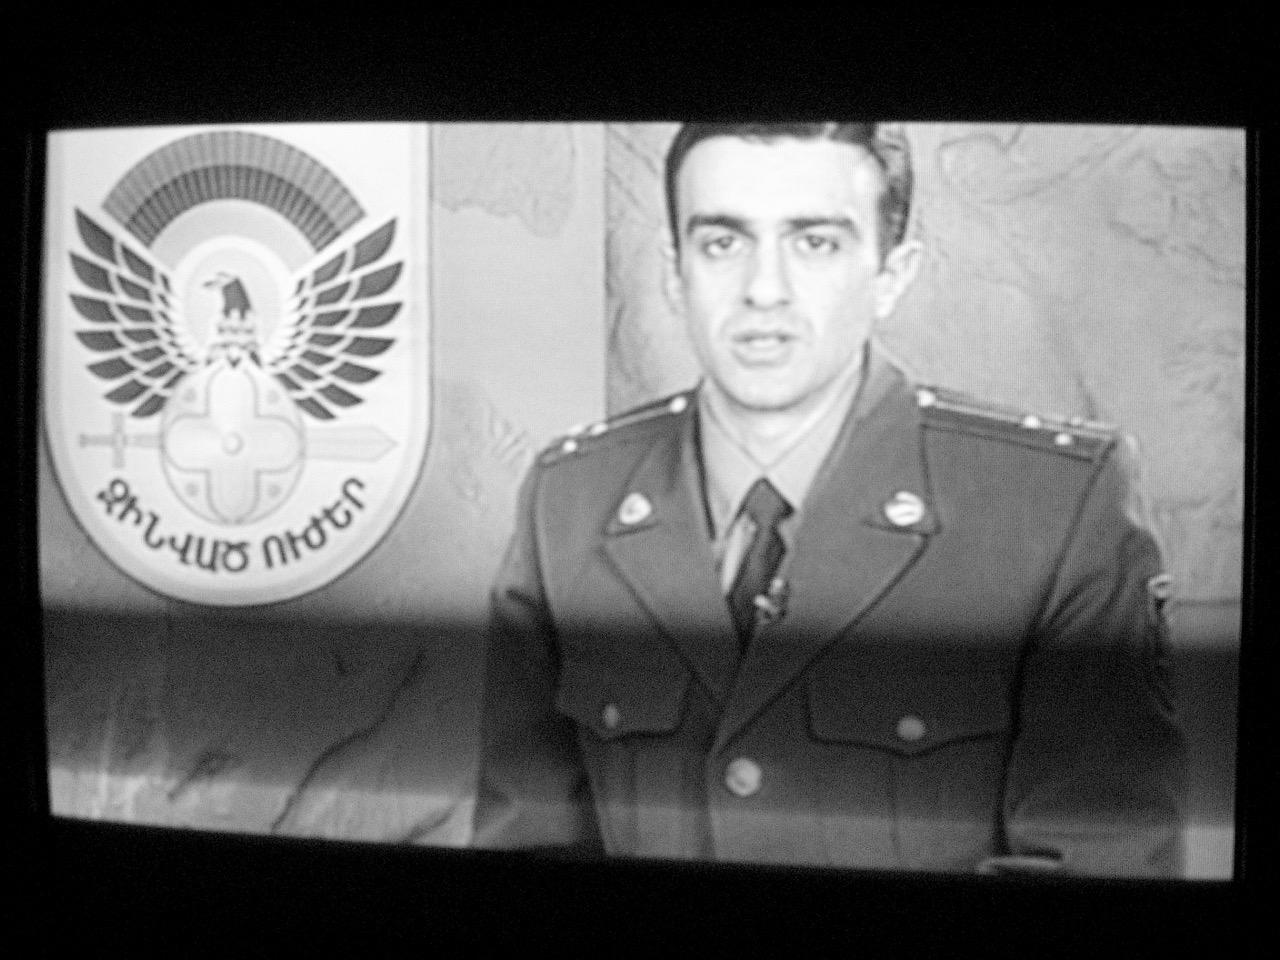 Foto: Militärmagazin. Aus: Eriwan. Kapitel 4. Aufzeichnungen aus Armenien von Marc Degens.